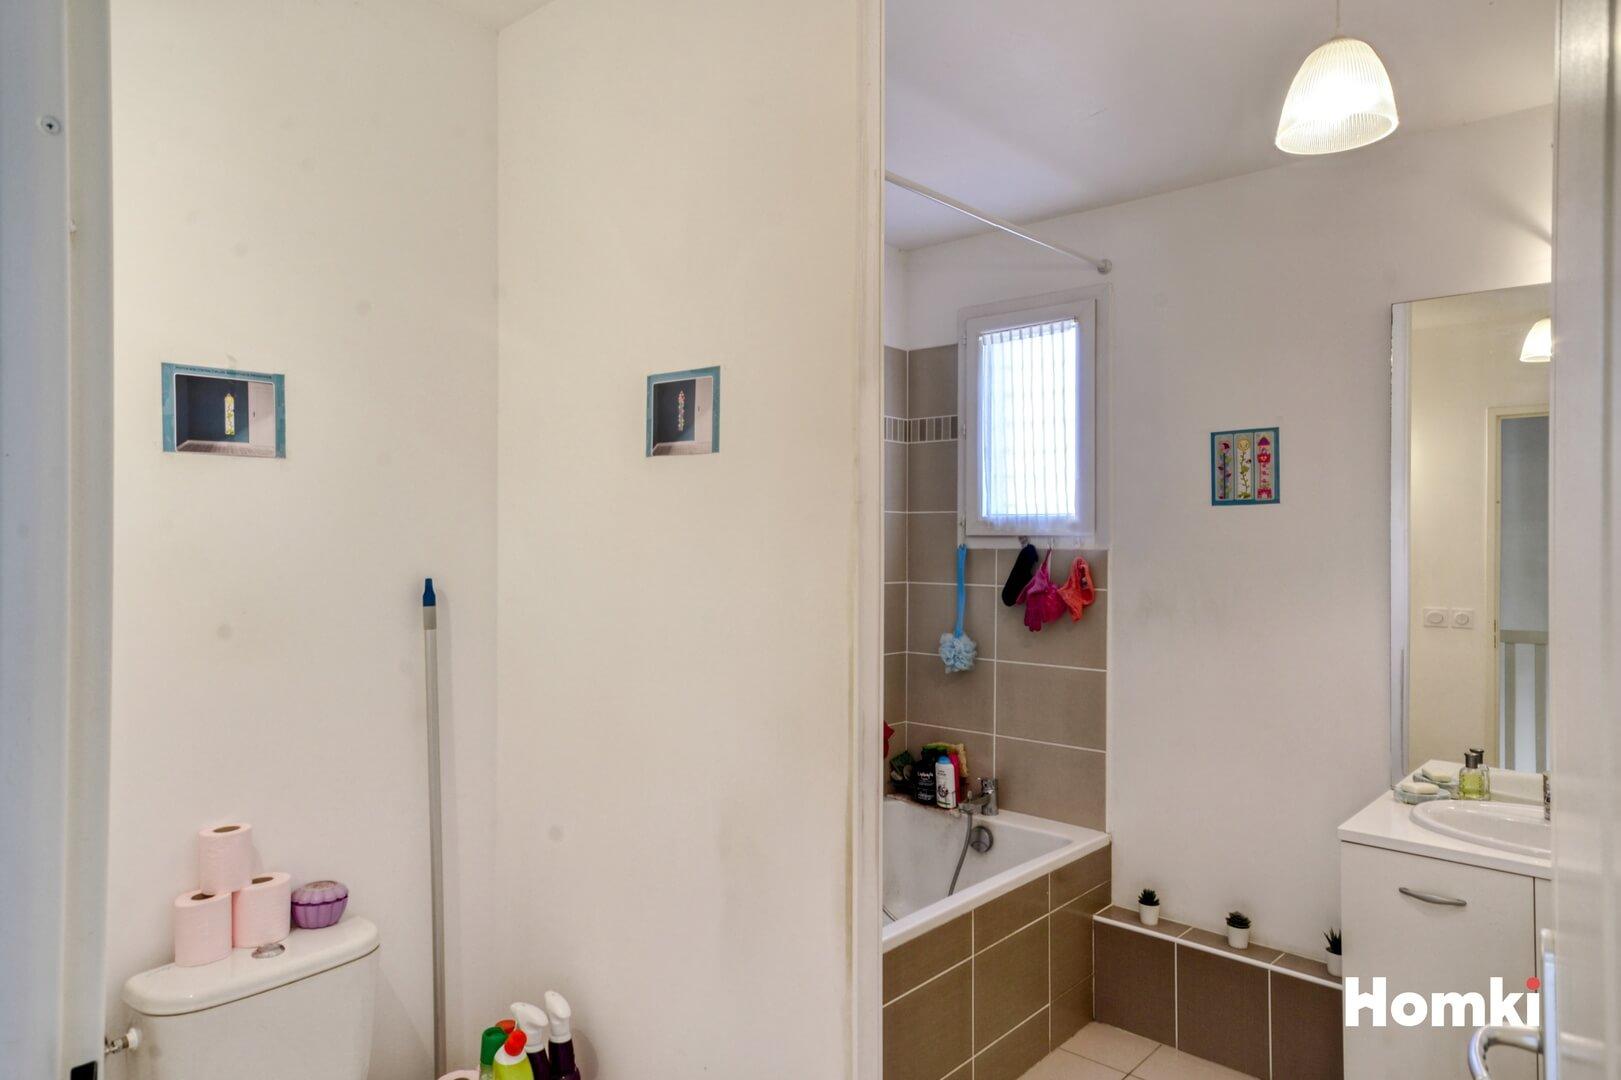 Homki - Vente Maison/villa  de 76.0 m² à Châteauneuf-les-Martigues 13220